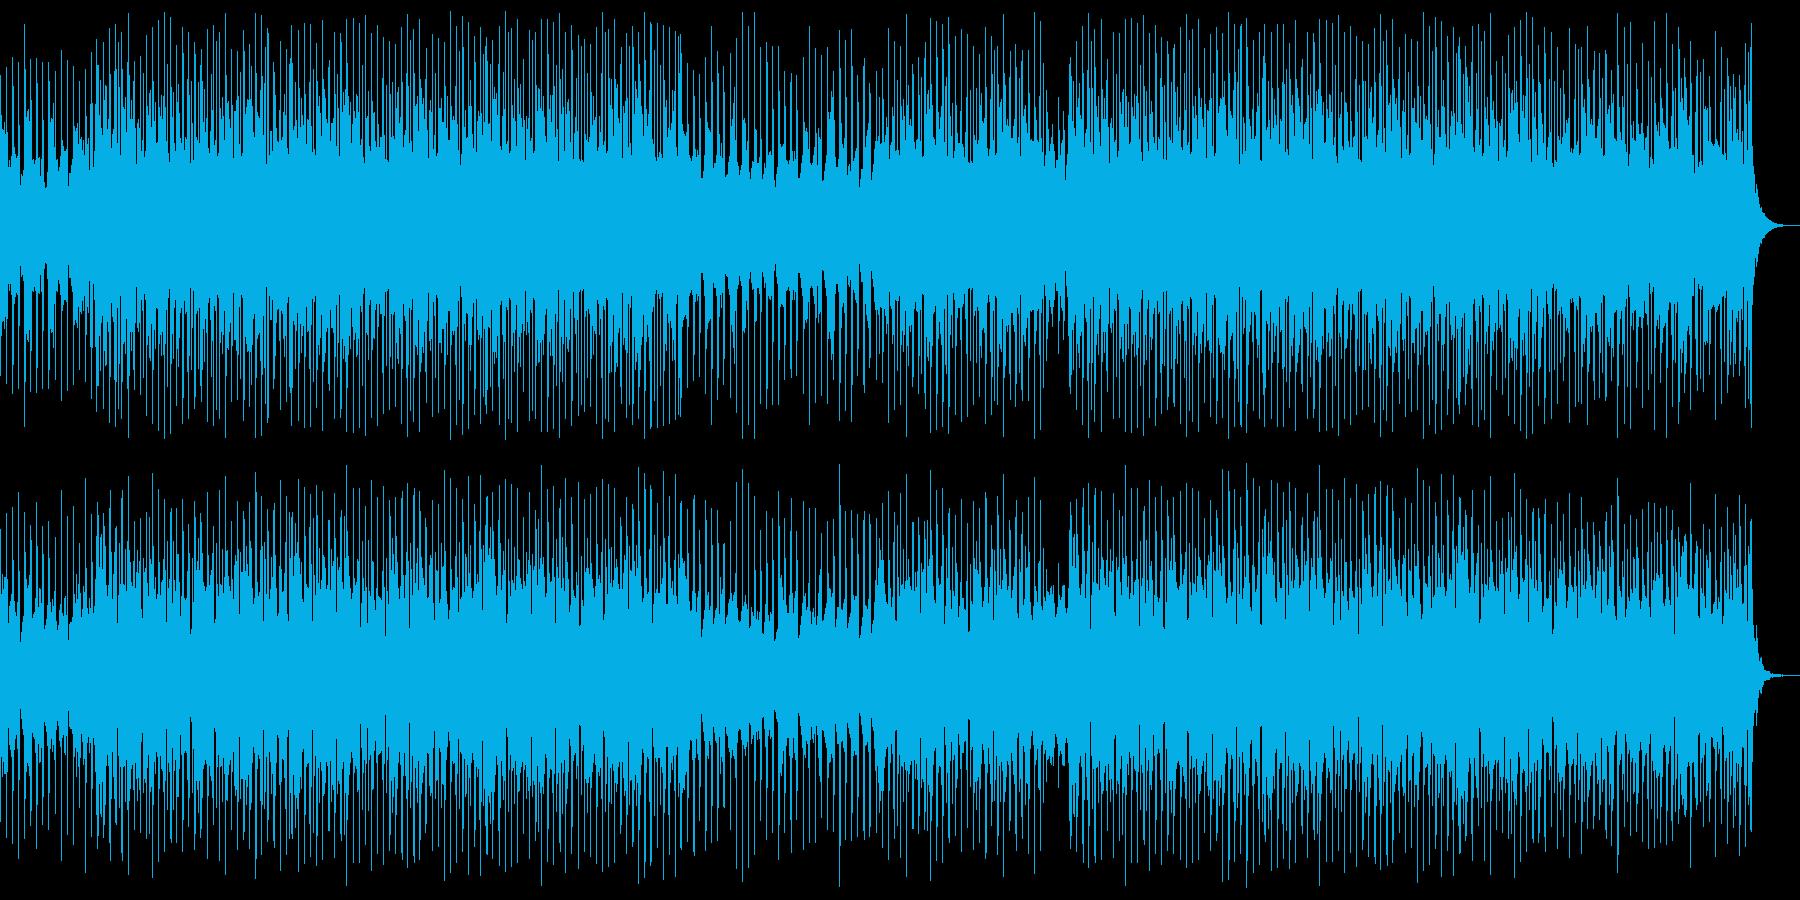 ドラムとピアノがメインの感動系BGMの再生済みの波形